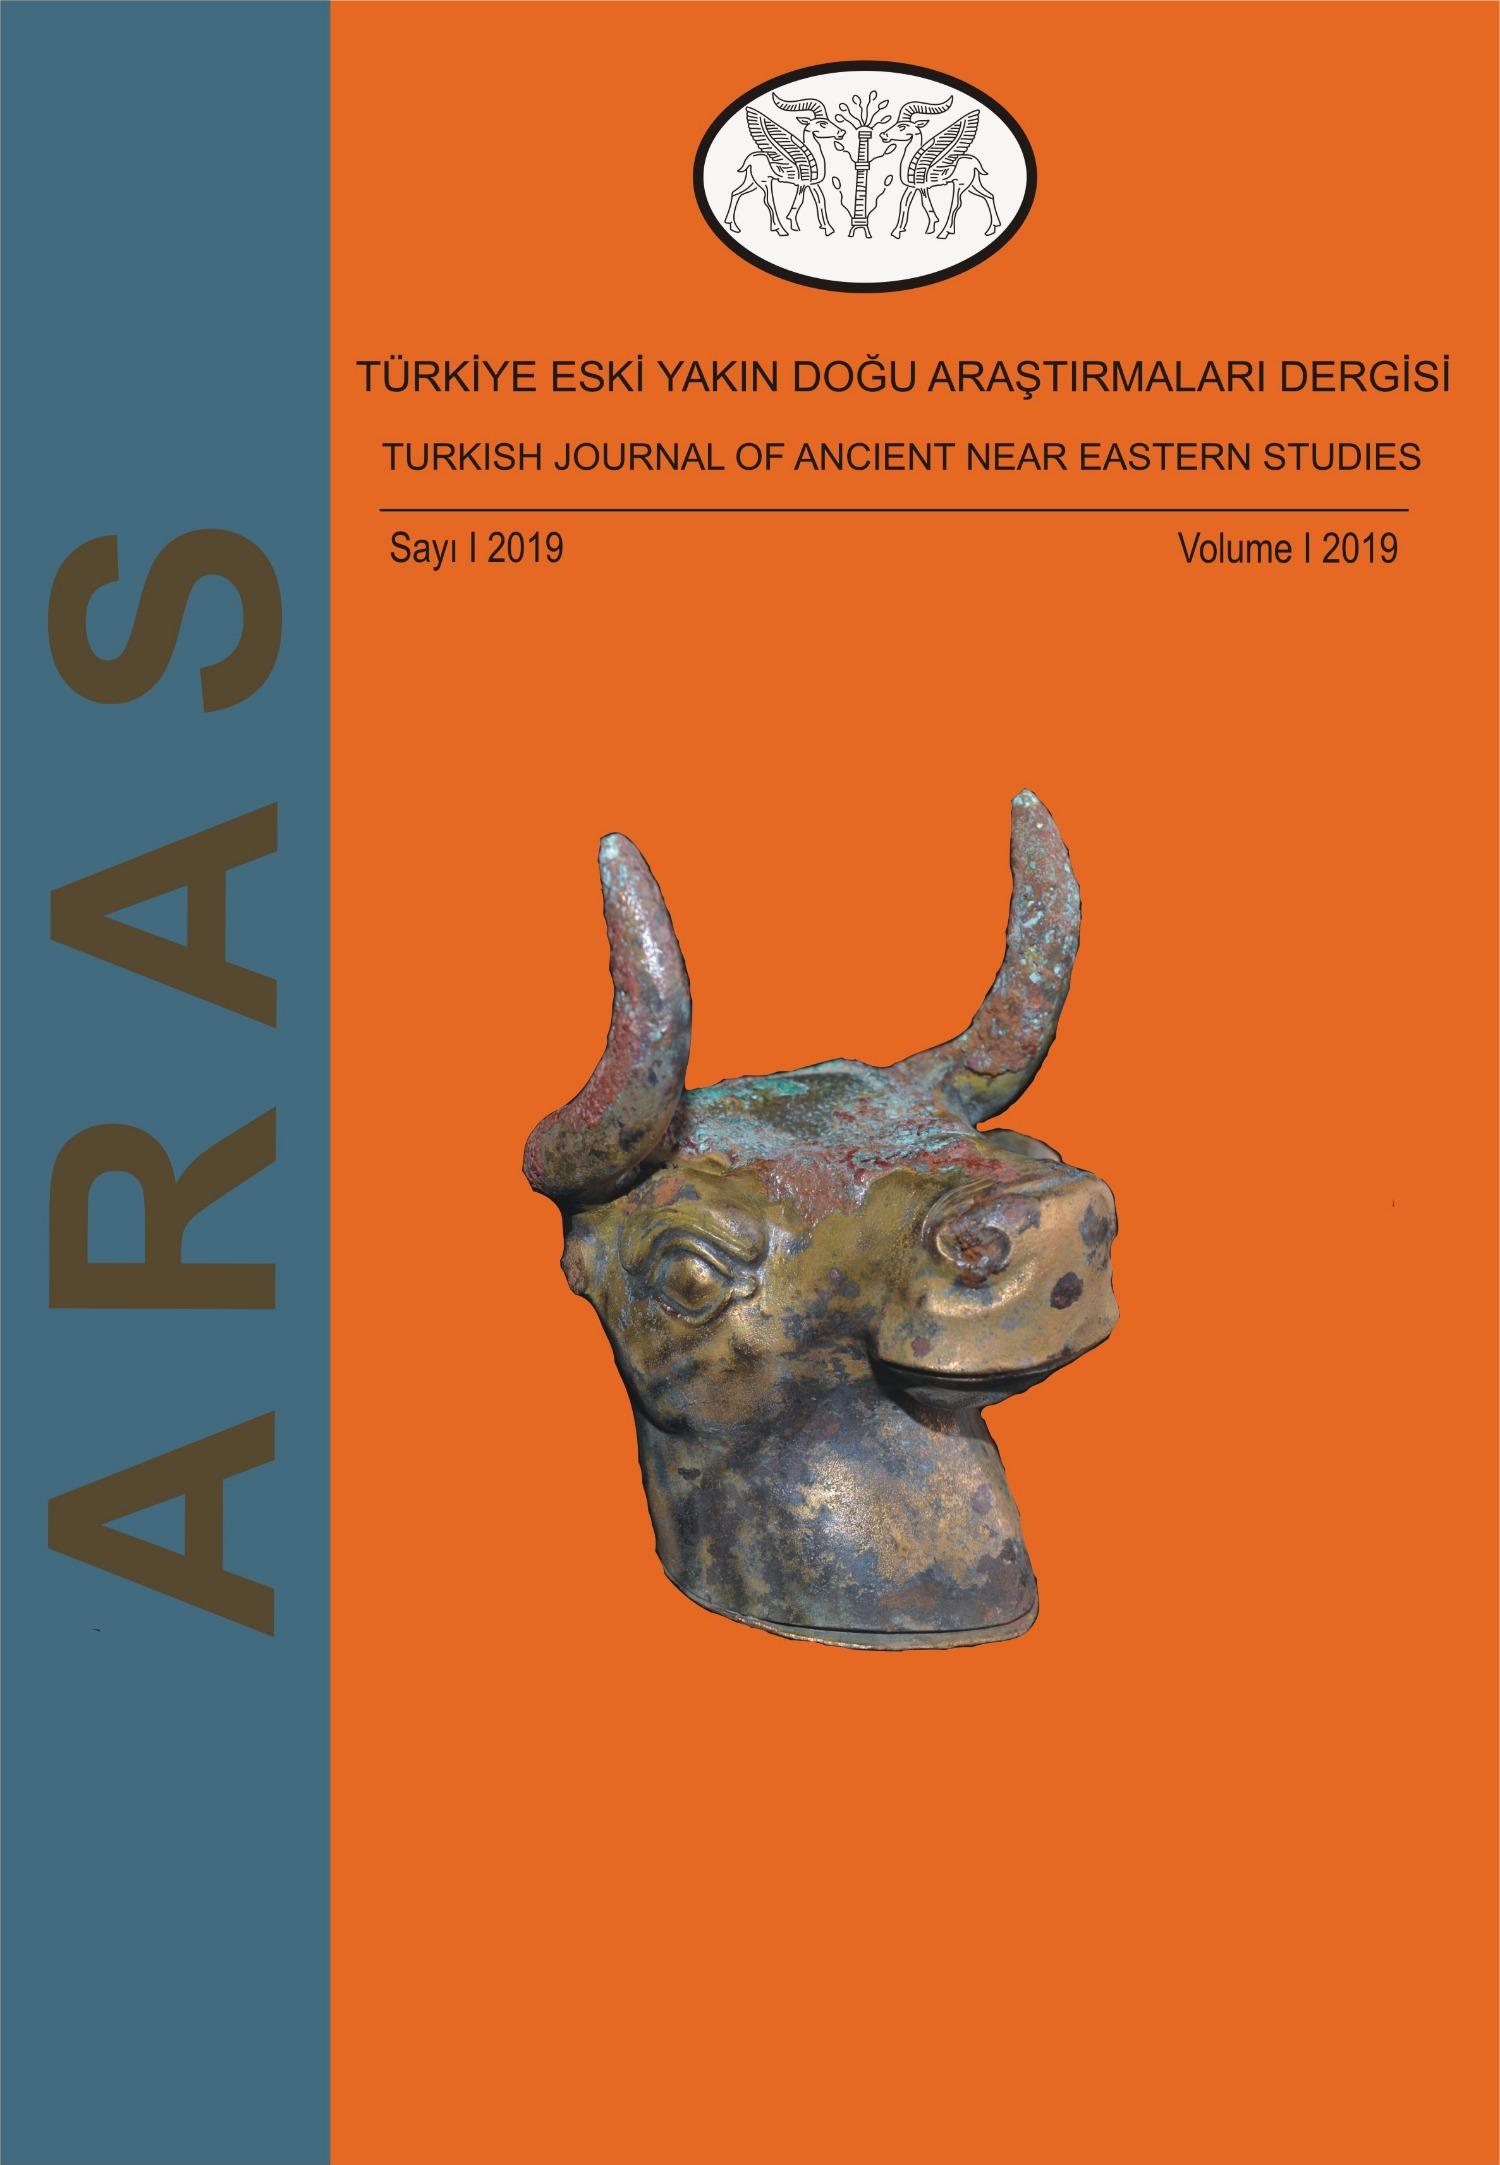 Yeni Bir Arkeoloji Dergisi Yayın Hayatına Başlıyor